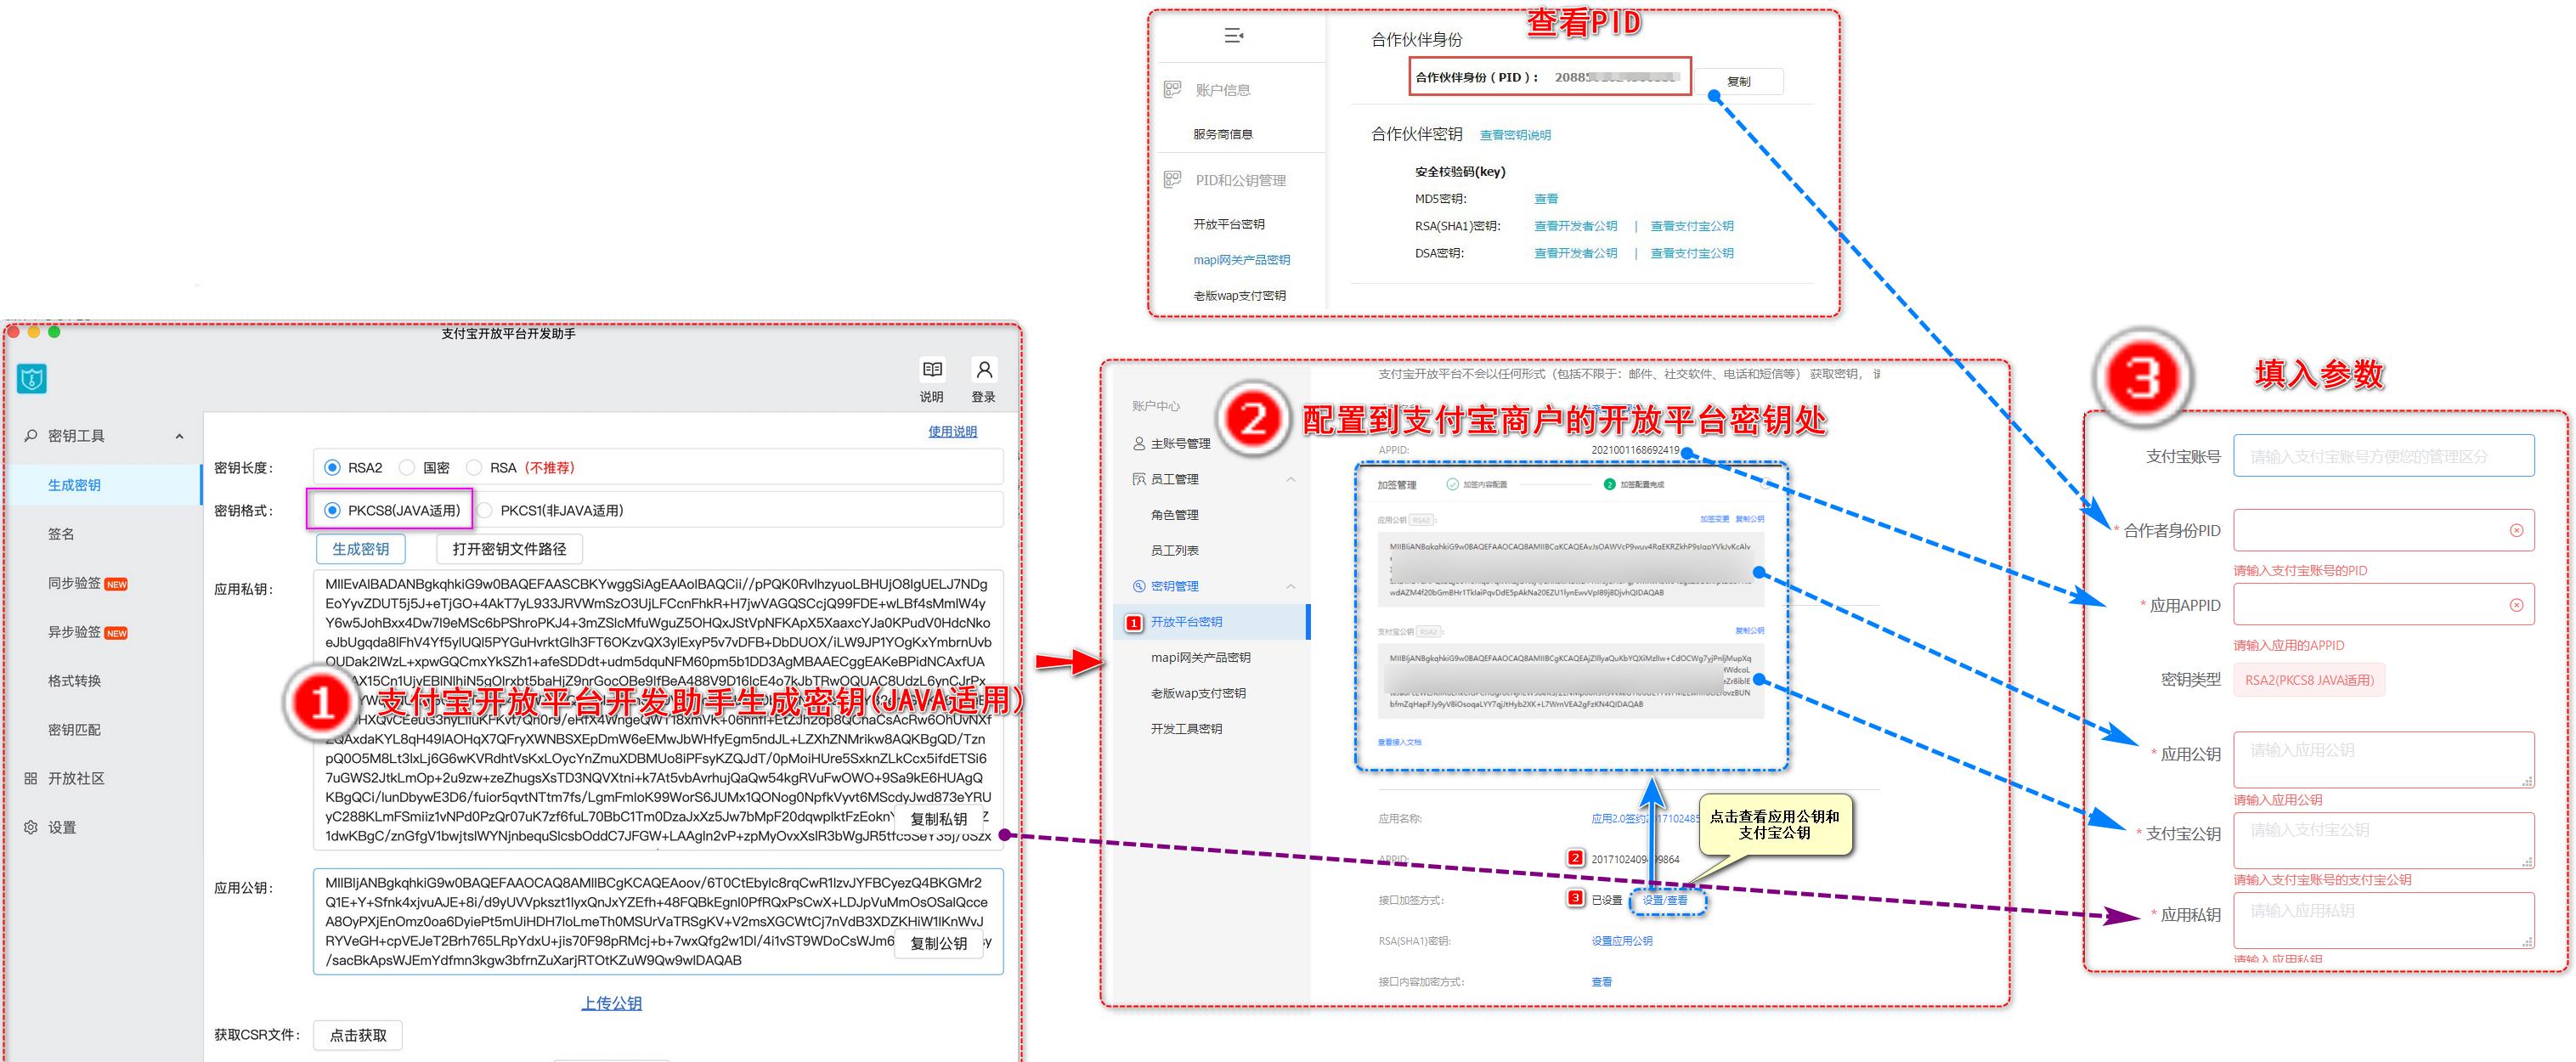 支付宝RSA配置图截.png